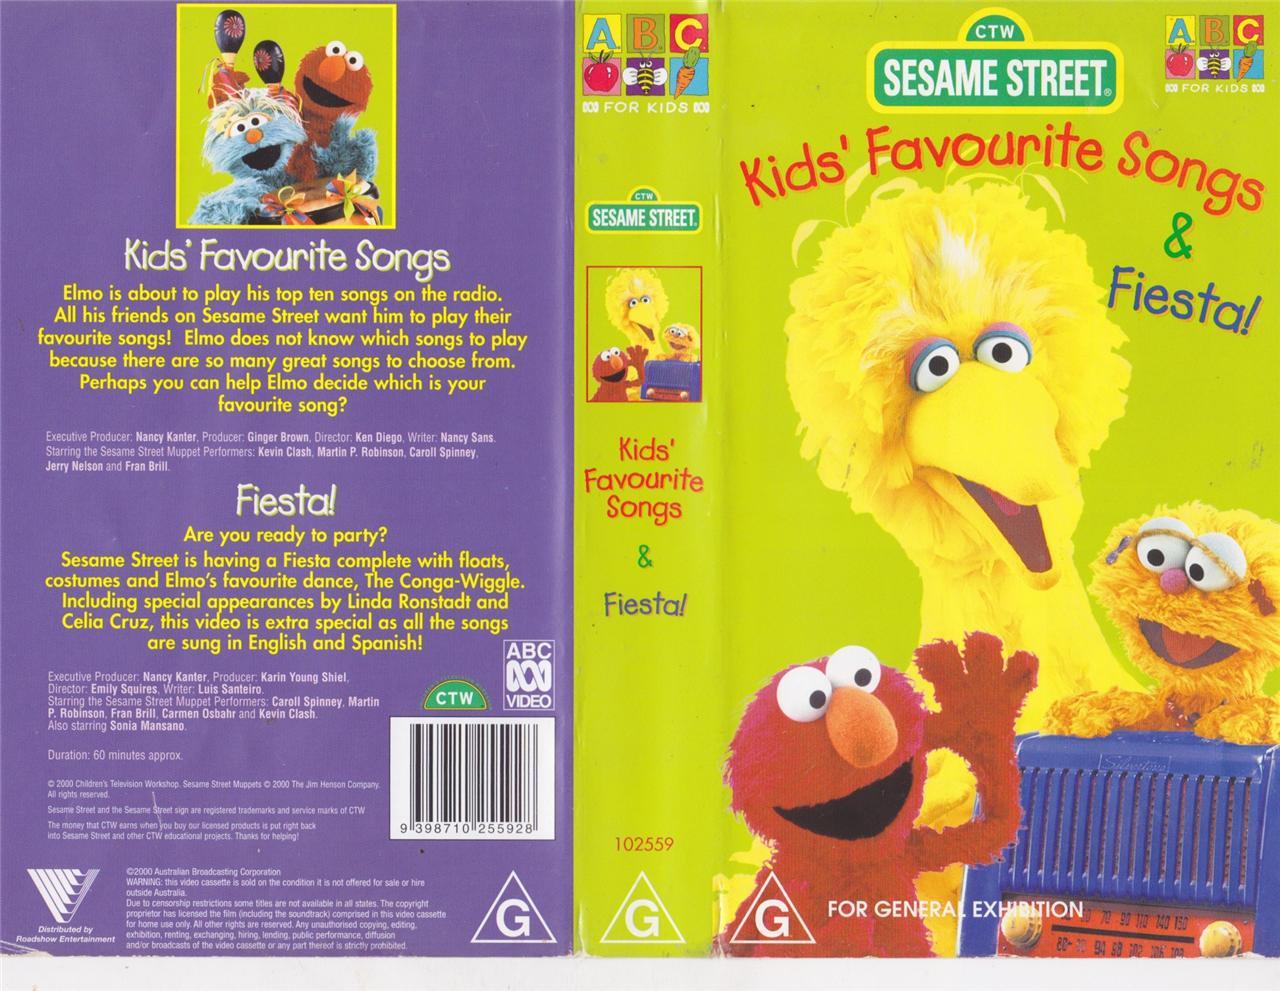 Kids%27_Favorite_Songs_and_Fiesta%21_2000_Australian_VHS.jpg